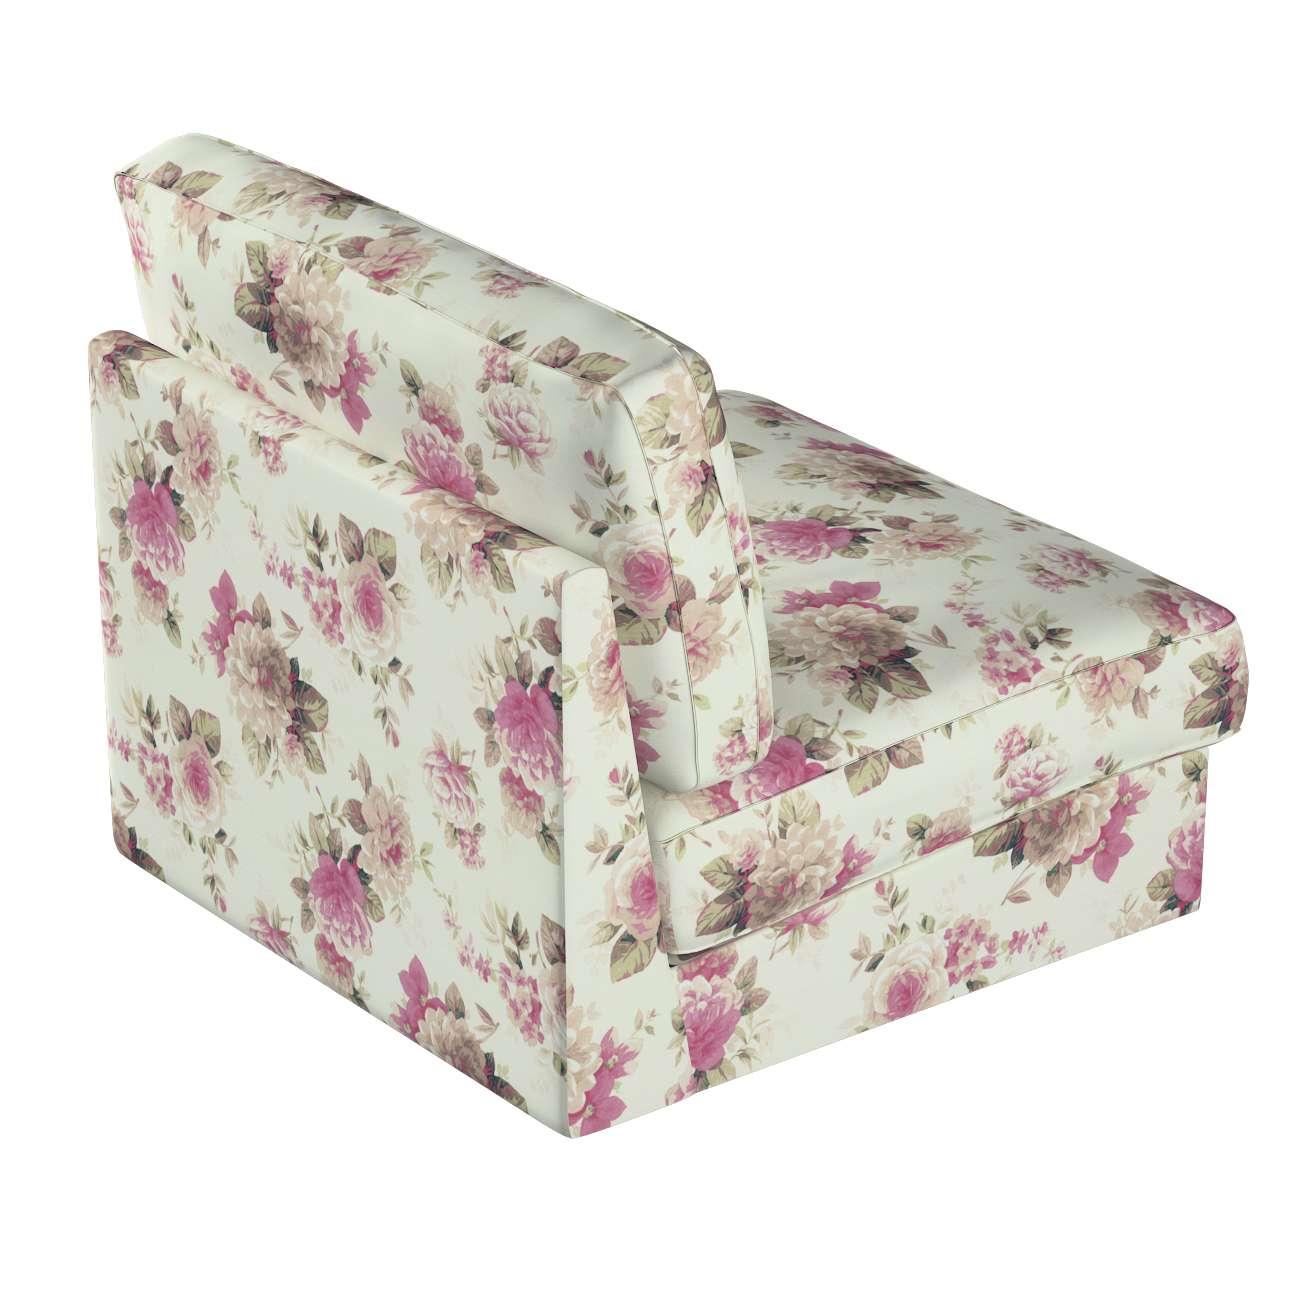 Pokrowiec na fotel Kivik w kolekcji Londres, tkanina: 141-07